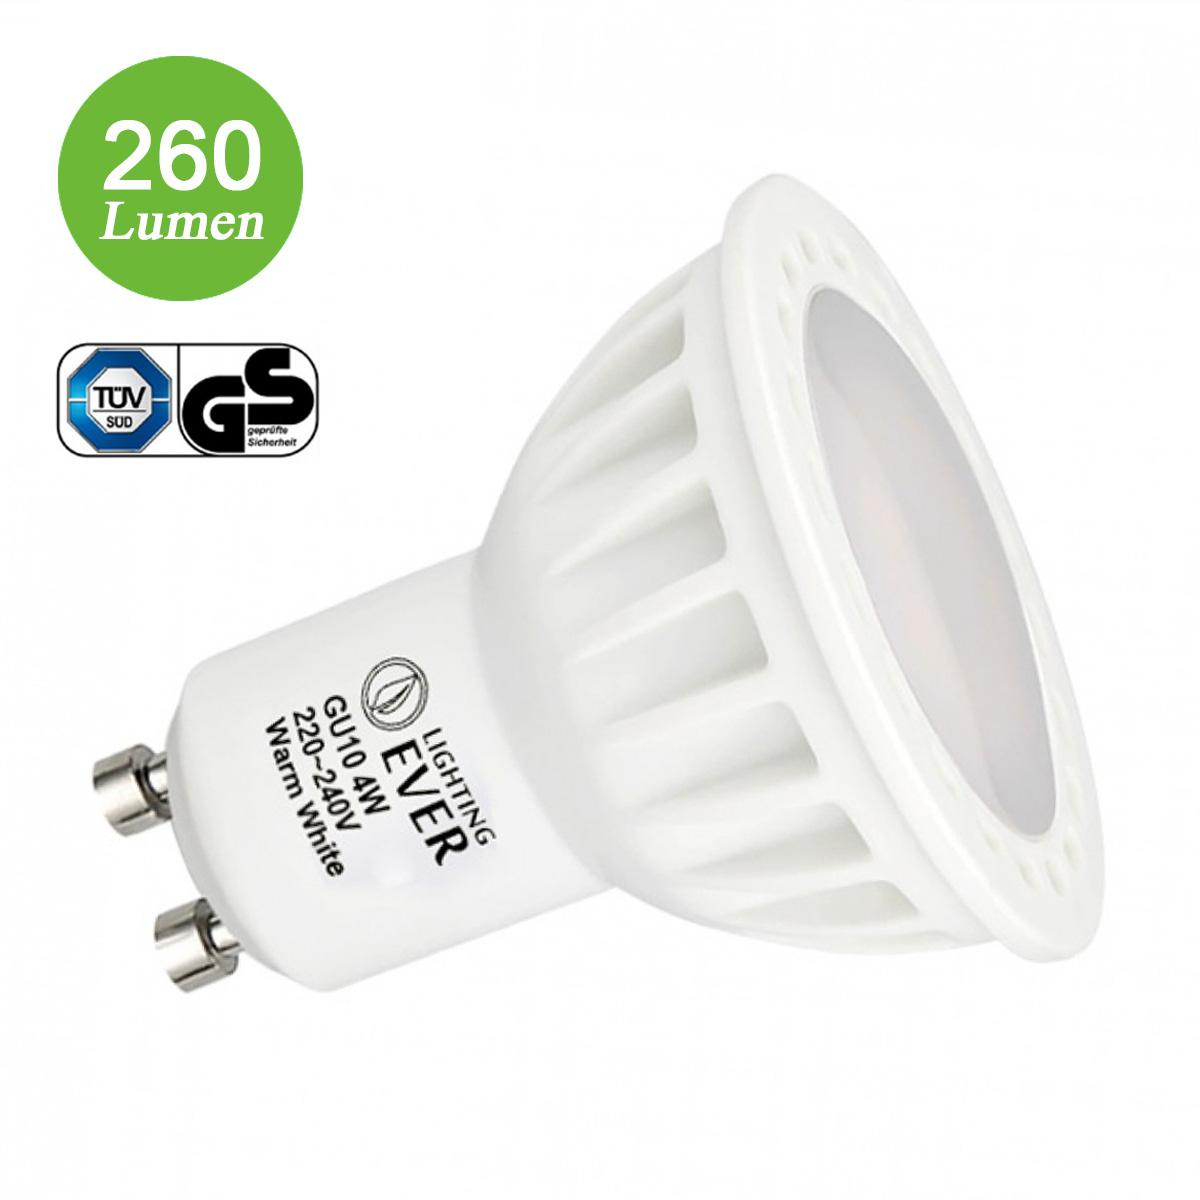 4W MR16 GU10 Fassung, 260lm LED Strahler, Warmweiß, Ersatz für 40W Halogenlampe